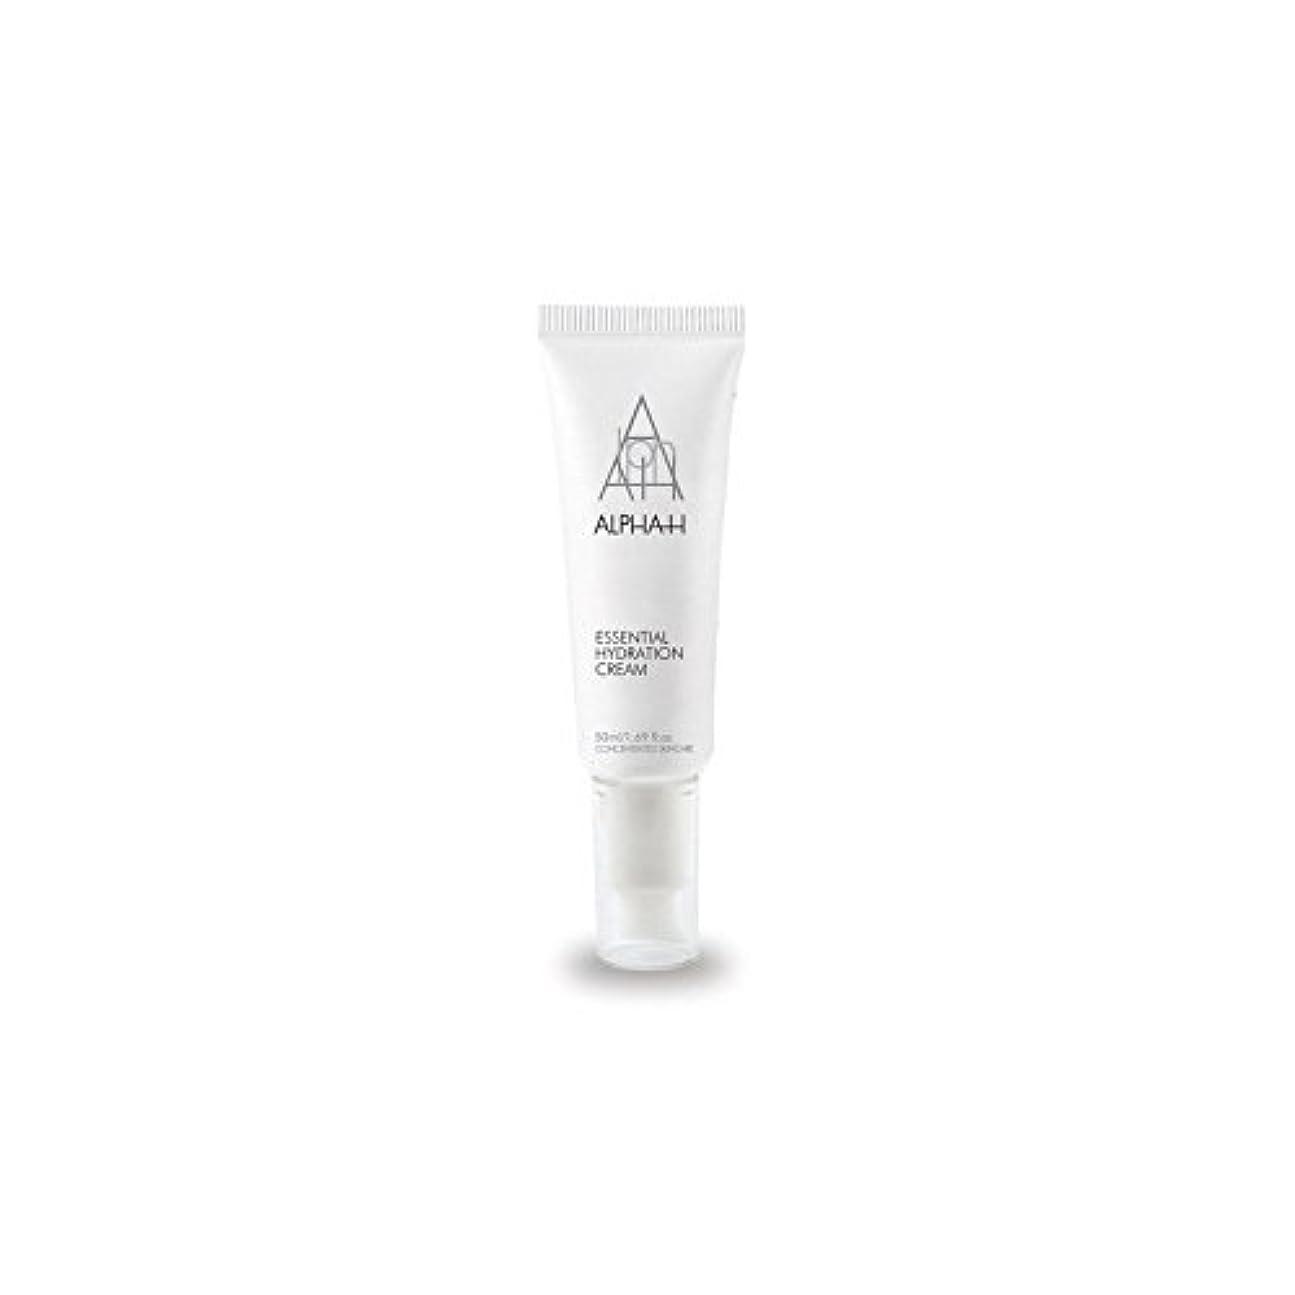 望まない楽観よく話されるAlpha-H Essential Hydration Cream (50ml) (Pack of 6) - アルファ必須水和クリーム(50)中 x6 [並行輸入品]